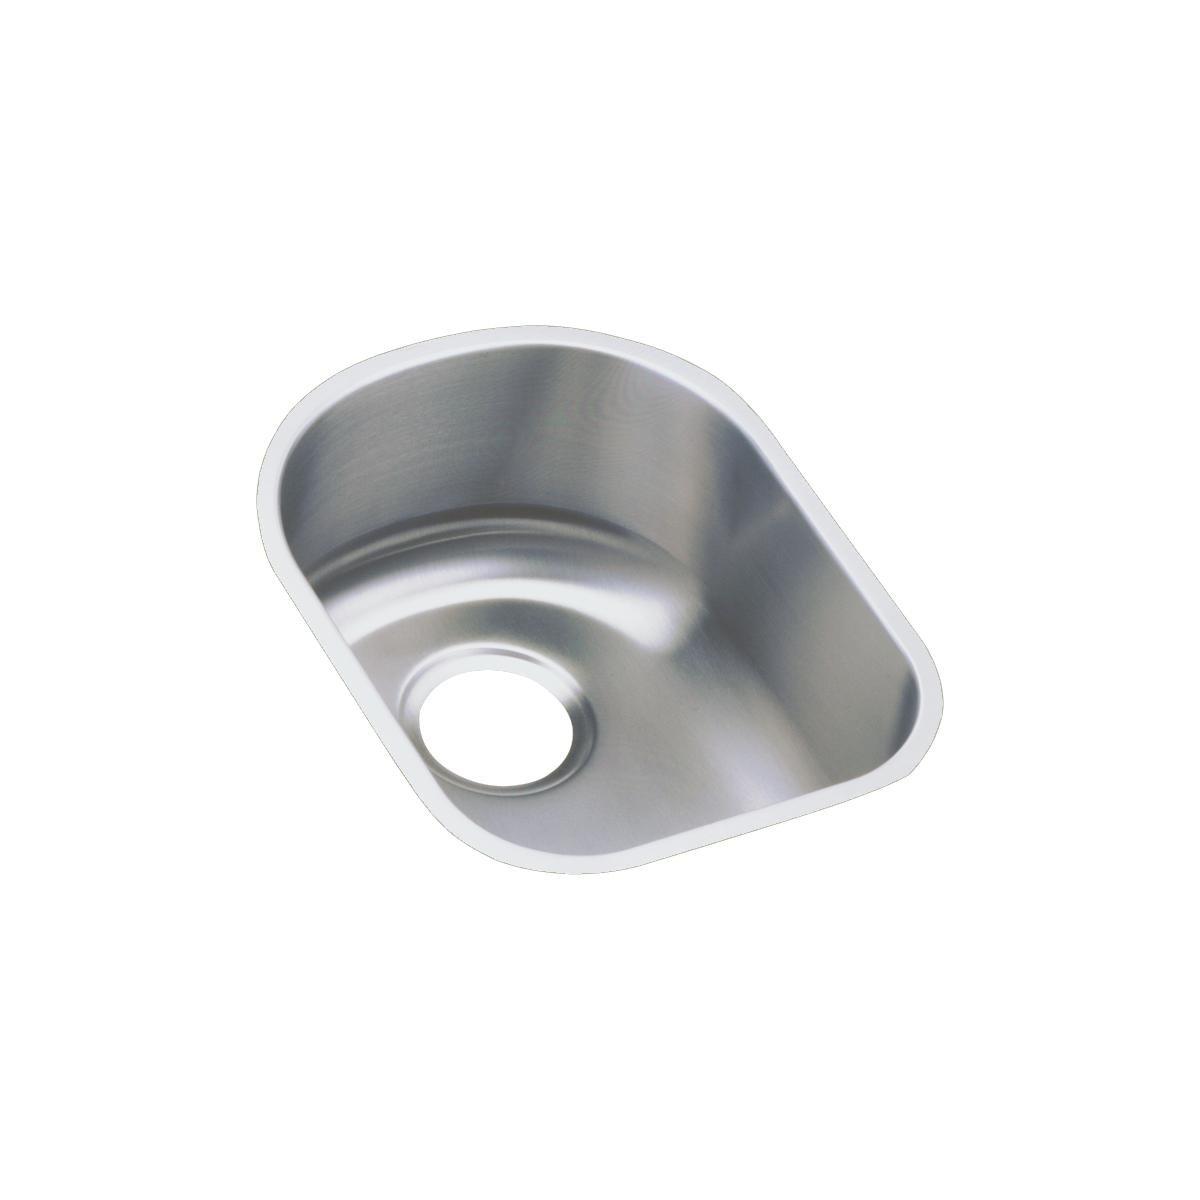 Elkay ELUH1317 Lustertone Classic Single Bowl Undermount Stainless Steel Sink